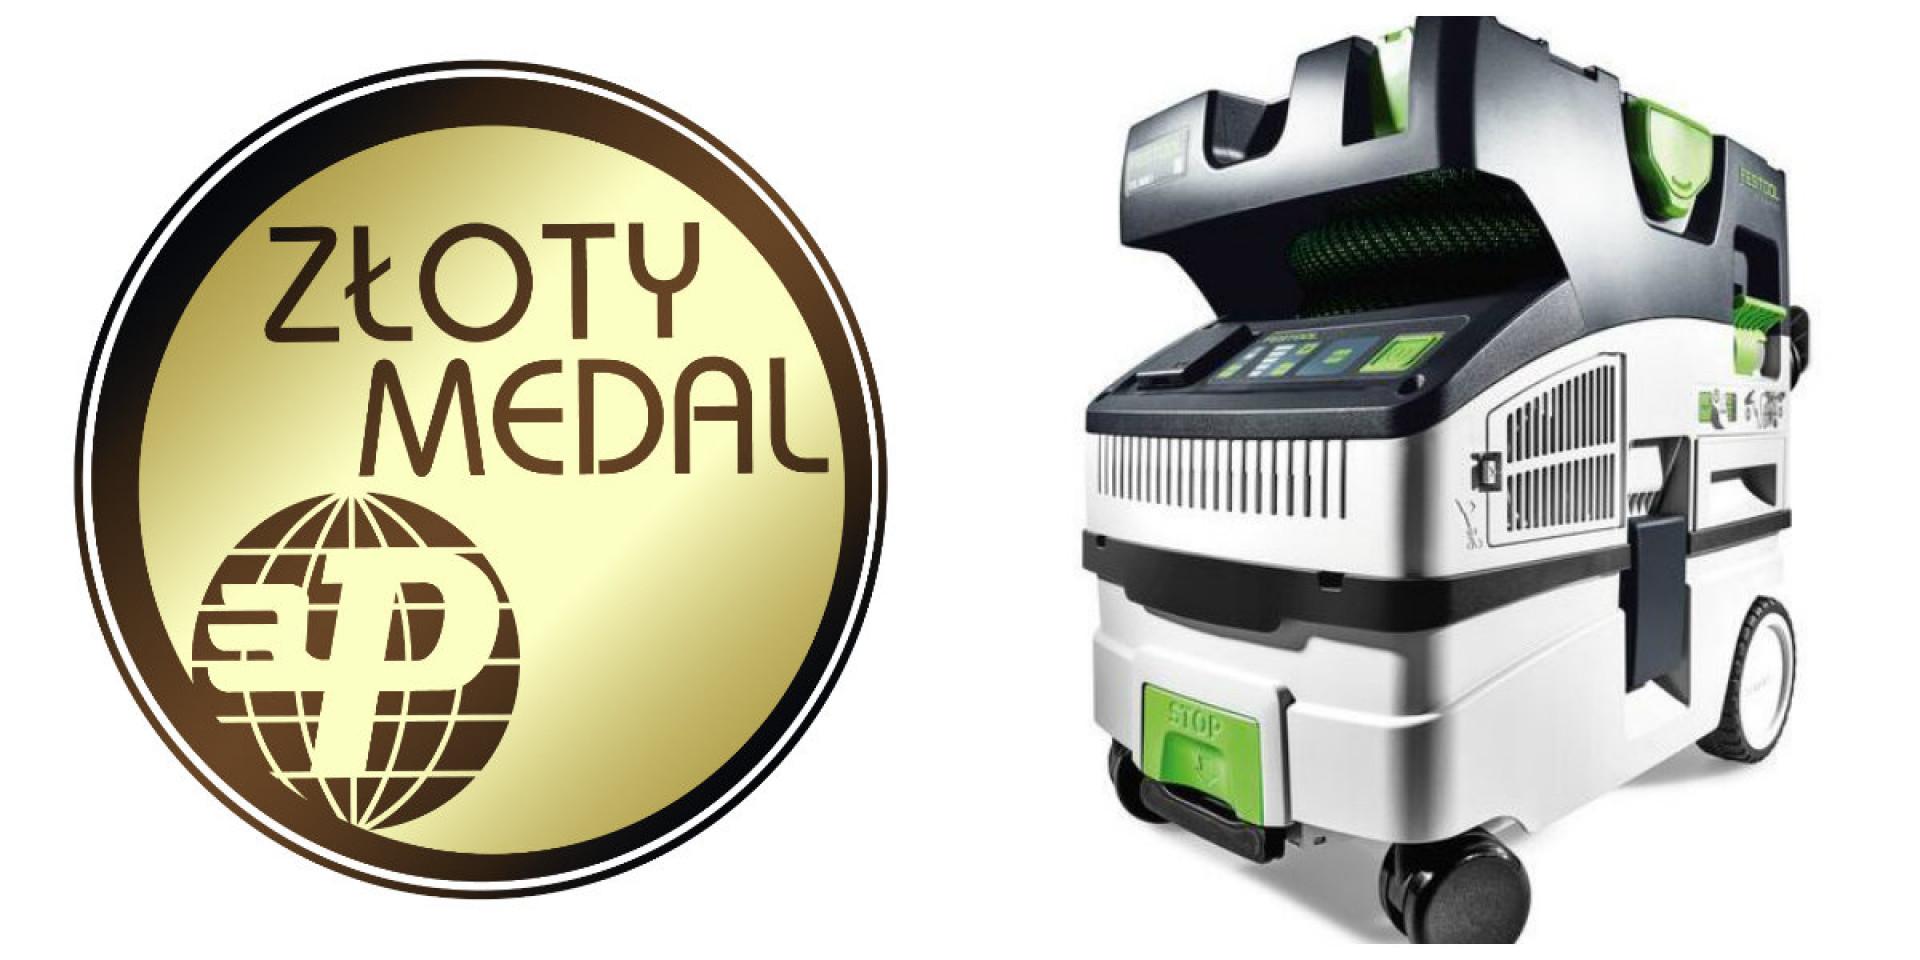 Mobilny odkurzacz CTM Midi otrzymał Złoty Medal targów Budma 2019. Fot. Festool